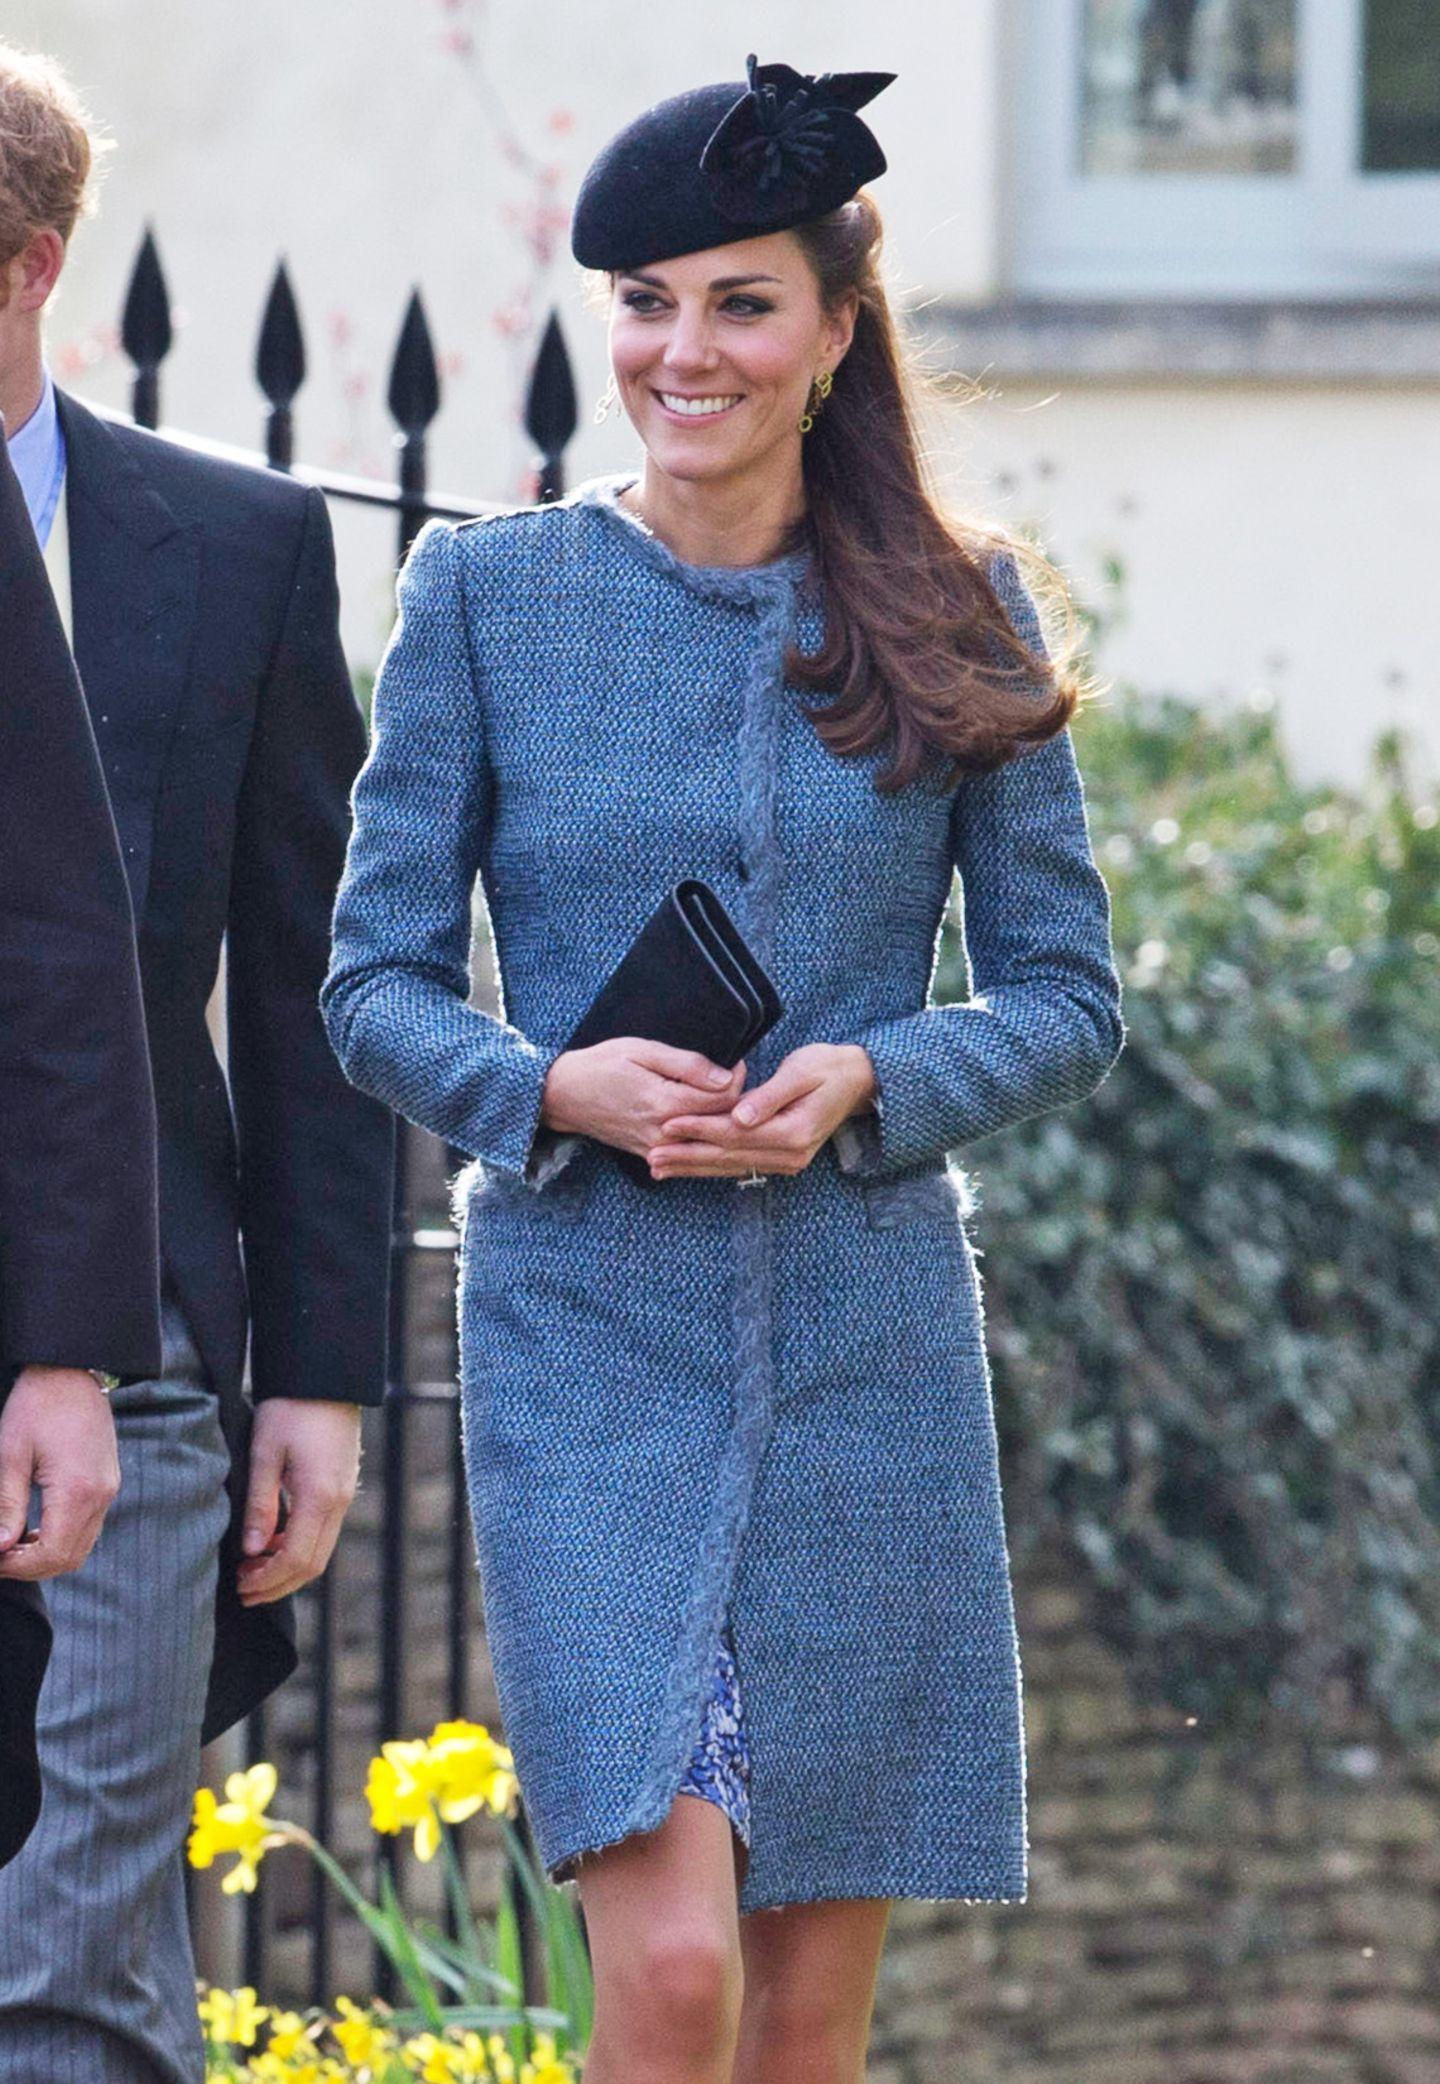 Herzogin Catherine besuchte im März 2014 die Hochzeit ihrer guten Freunde Lucy Meade und Charlie Budgett im blauen Tweed-Mantel von Missoni.